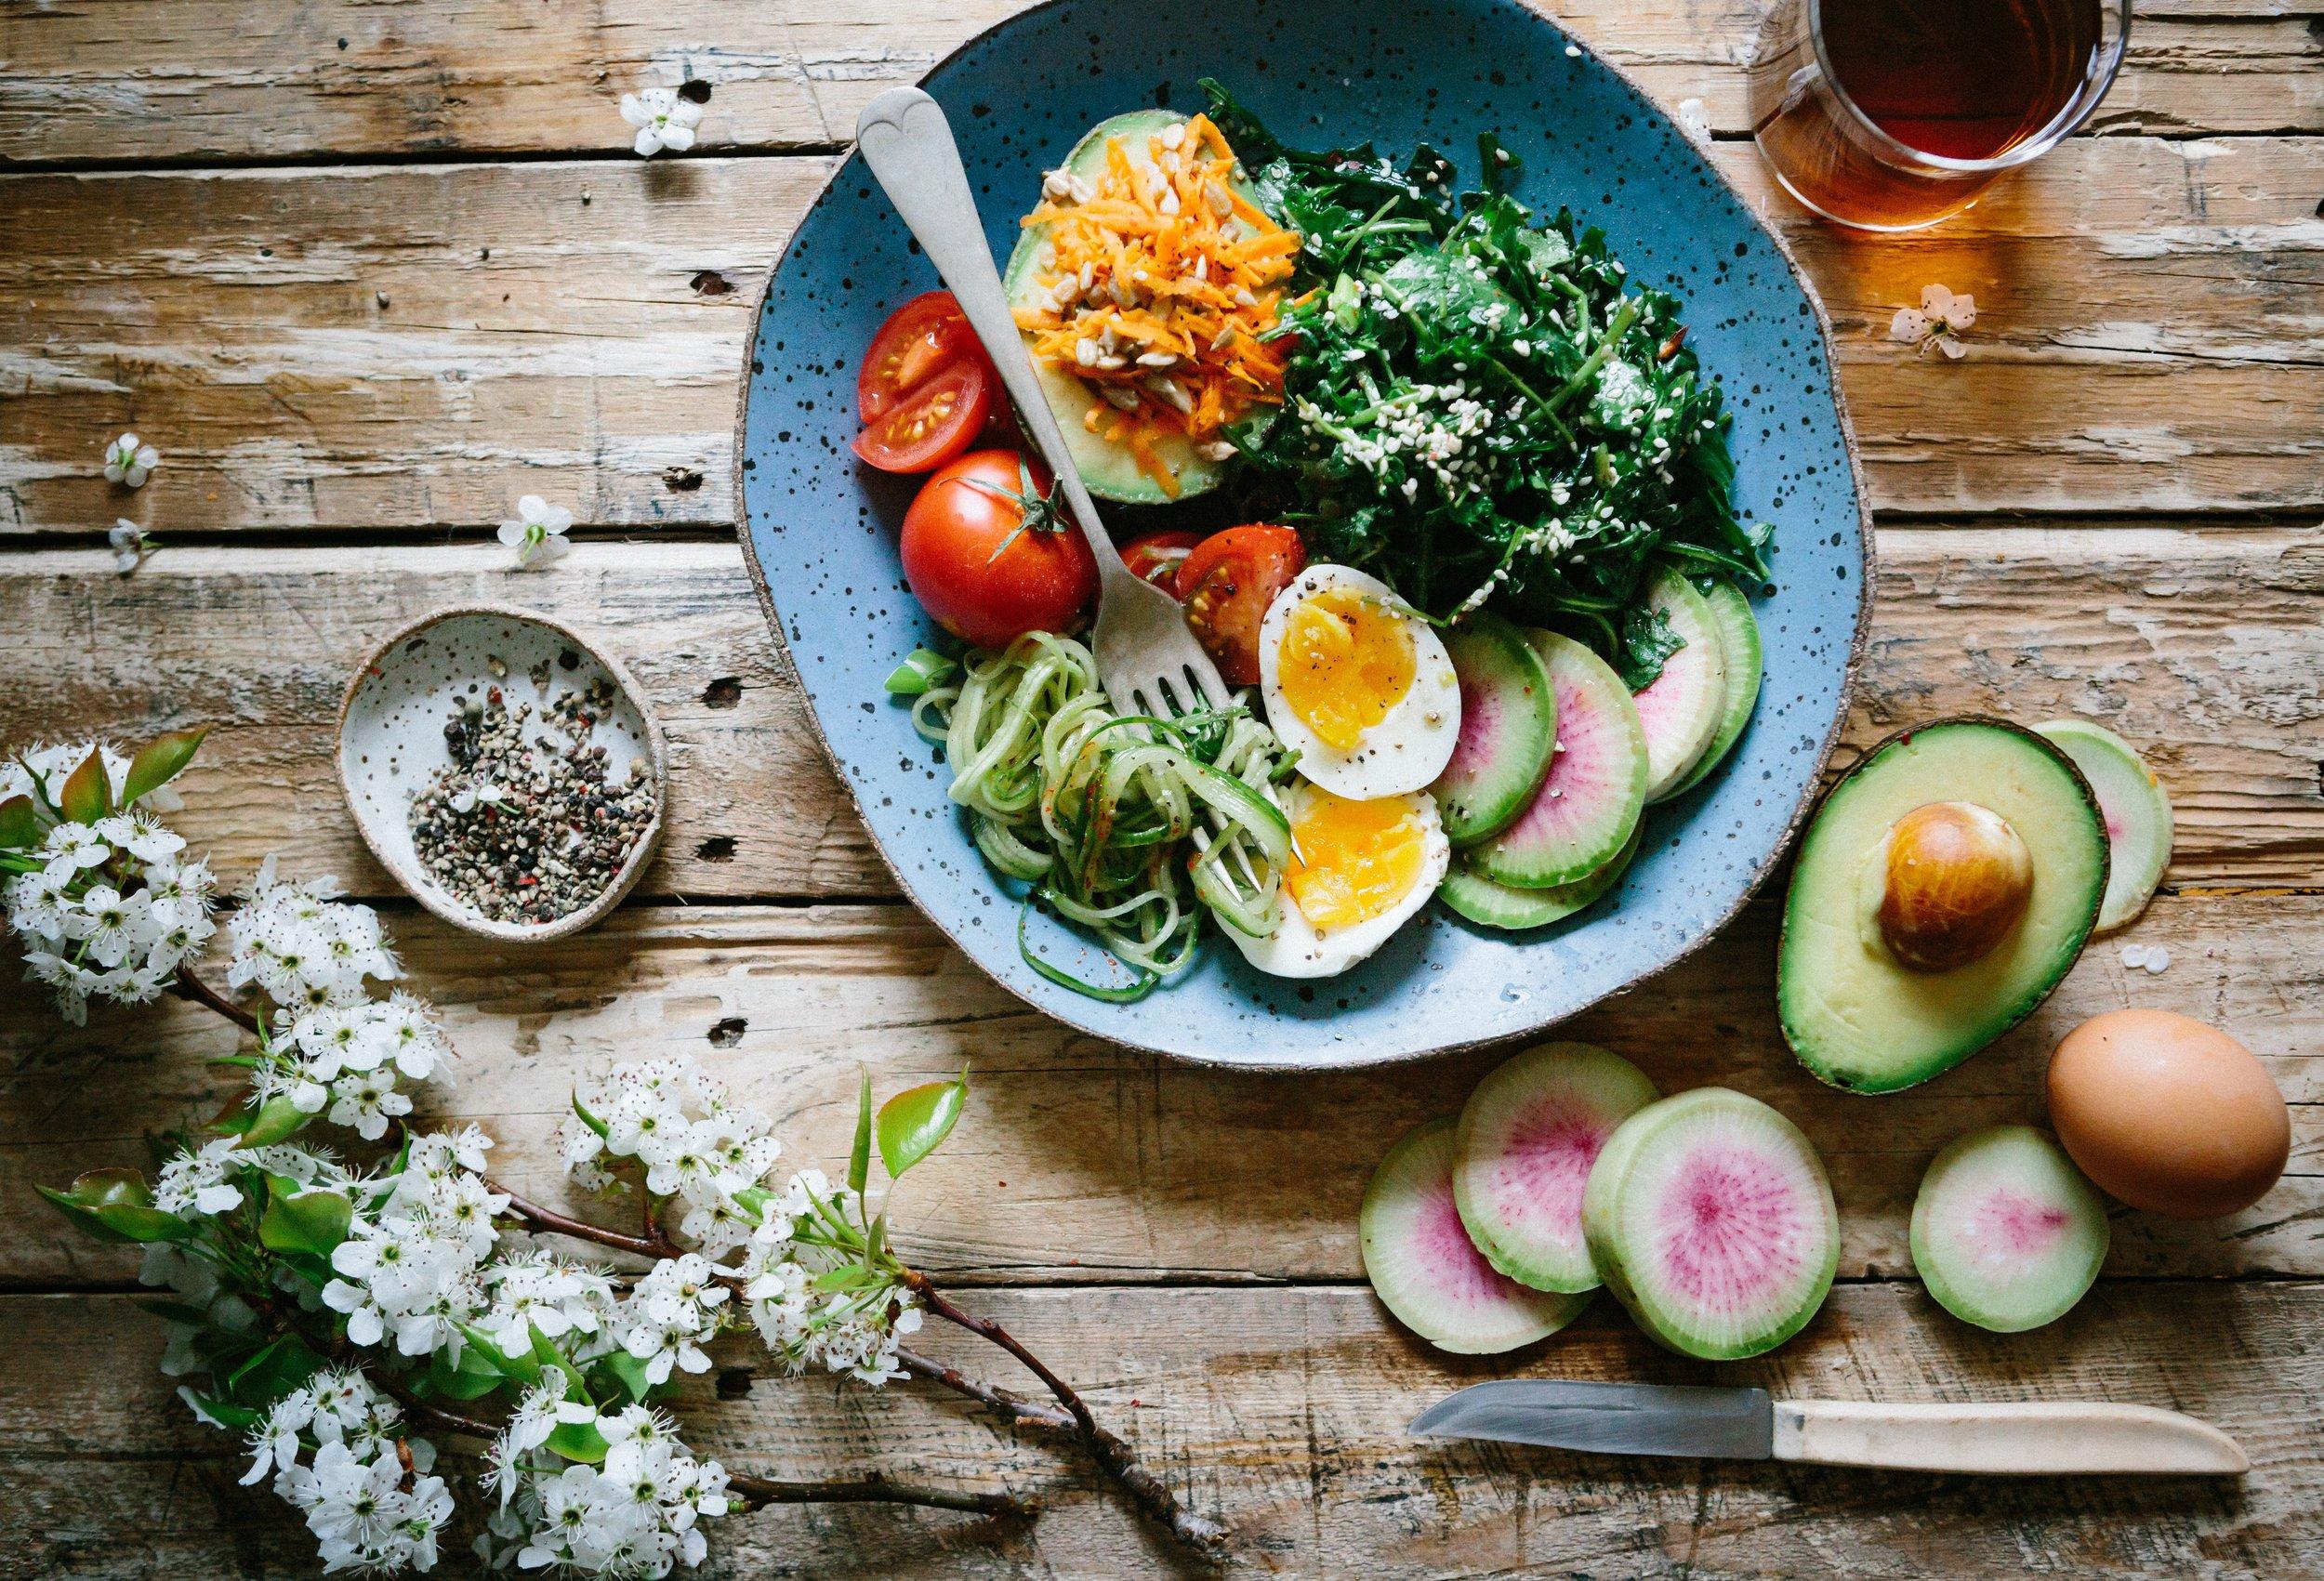 brooke-lark-salad.jpg